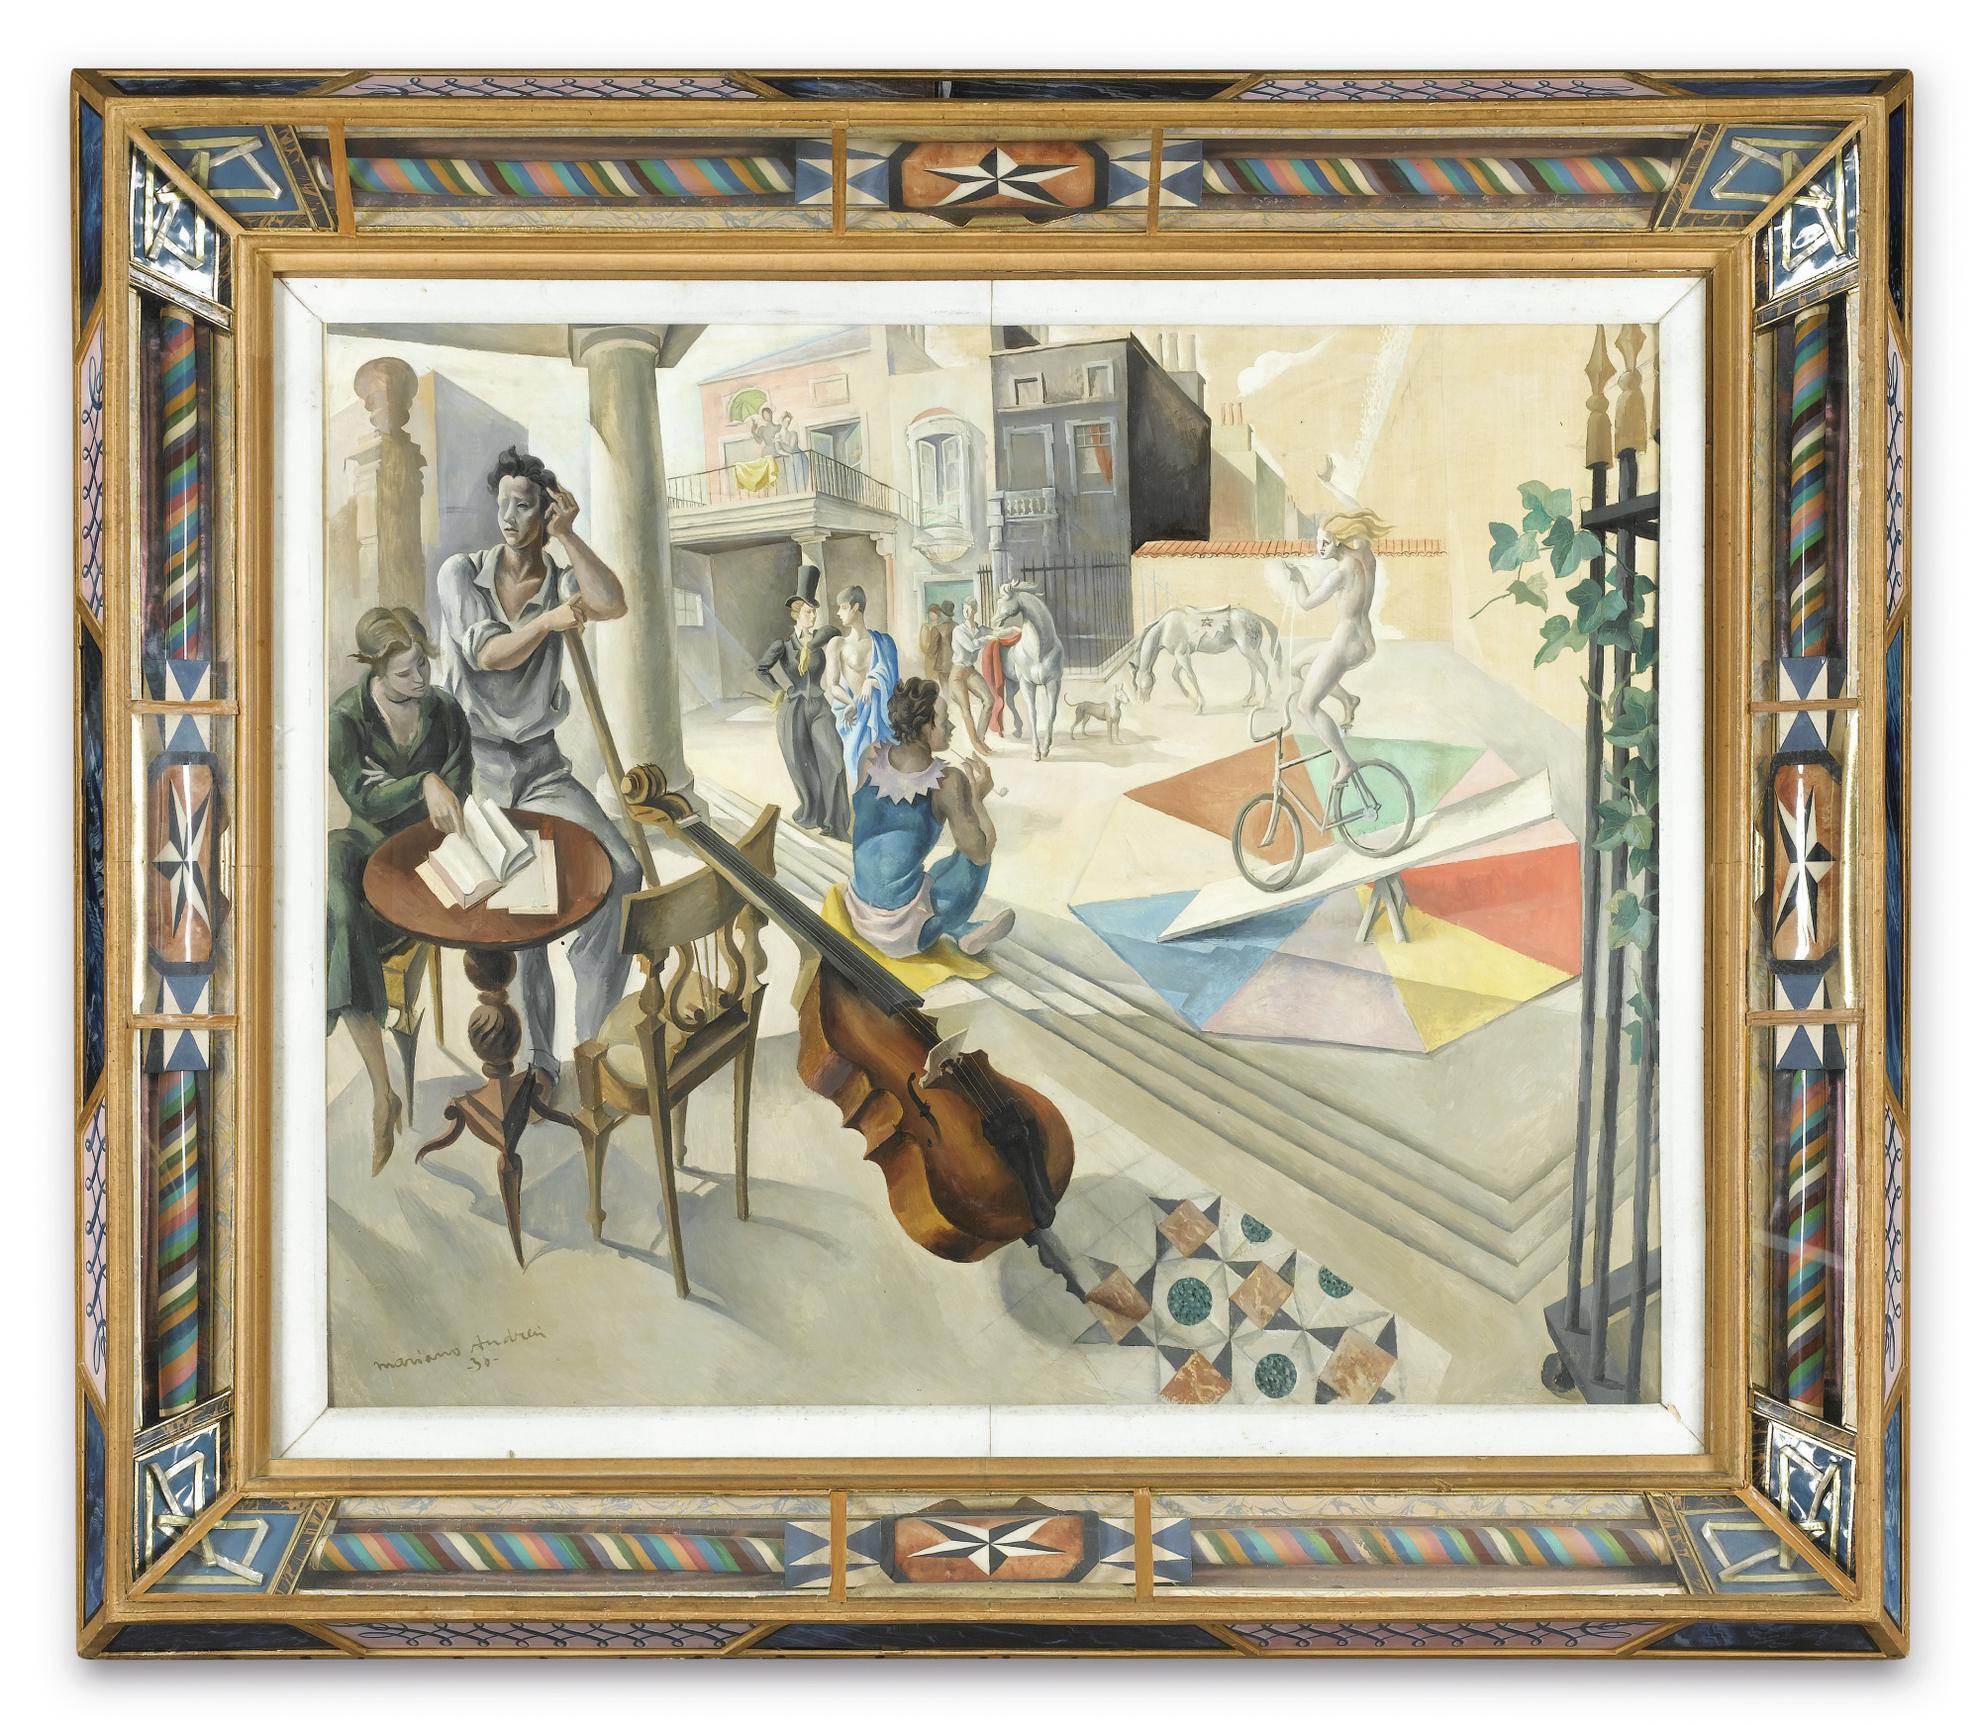 Mariano Andreu - Le Cirque-1930